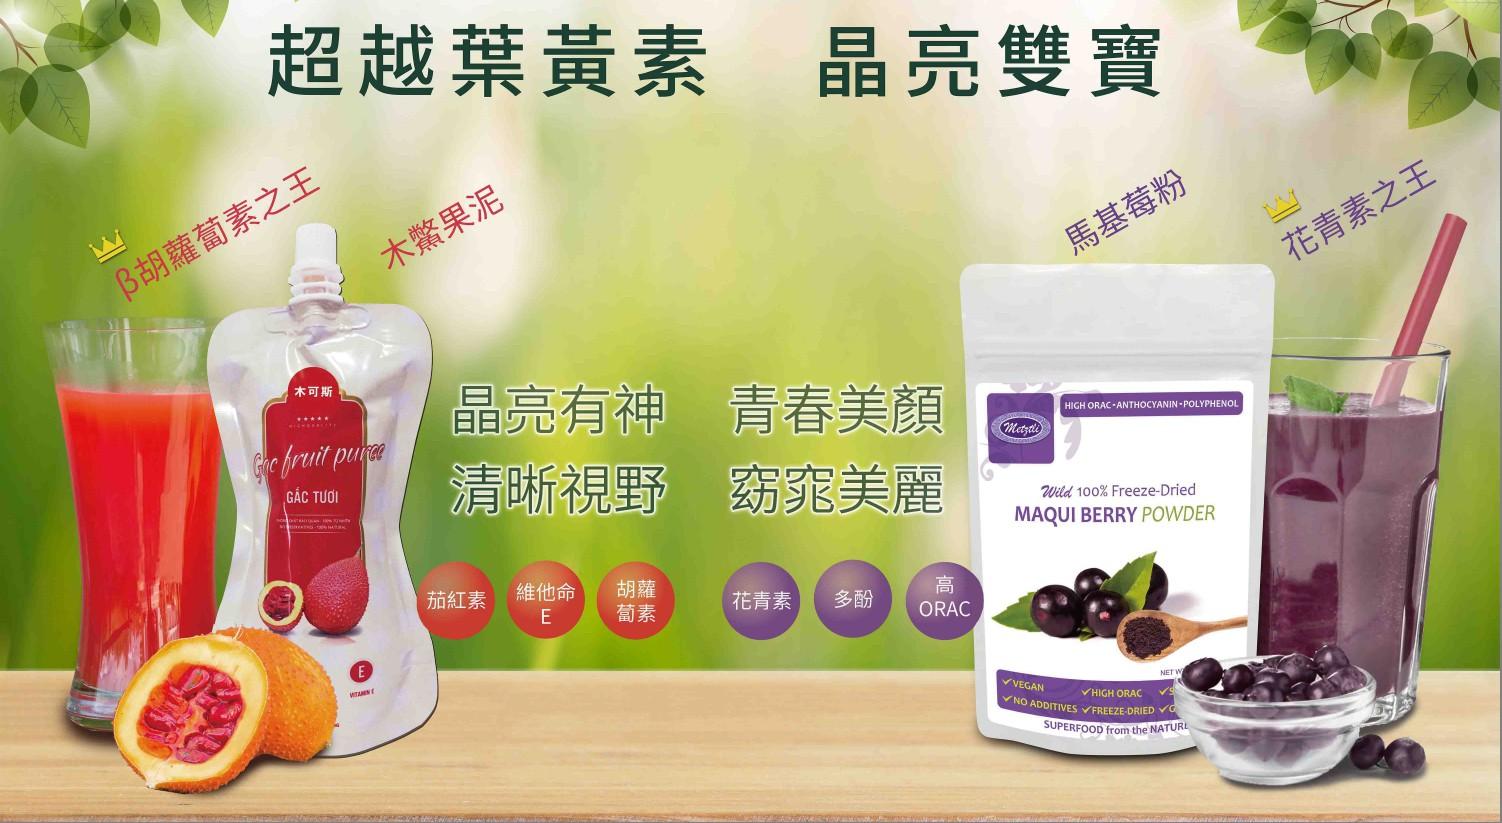 馬基莓 木鱉果 智利酒果- banner